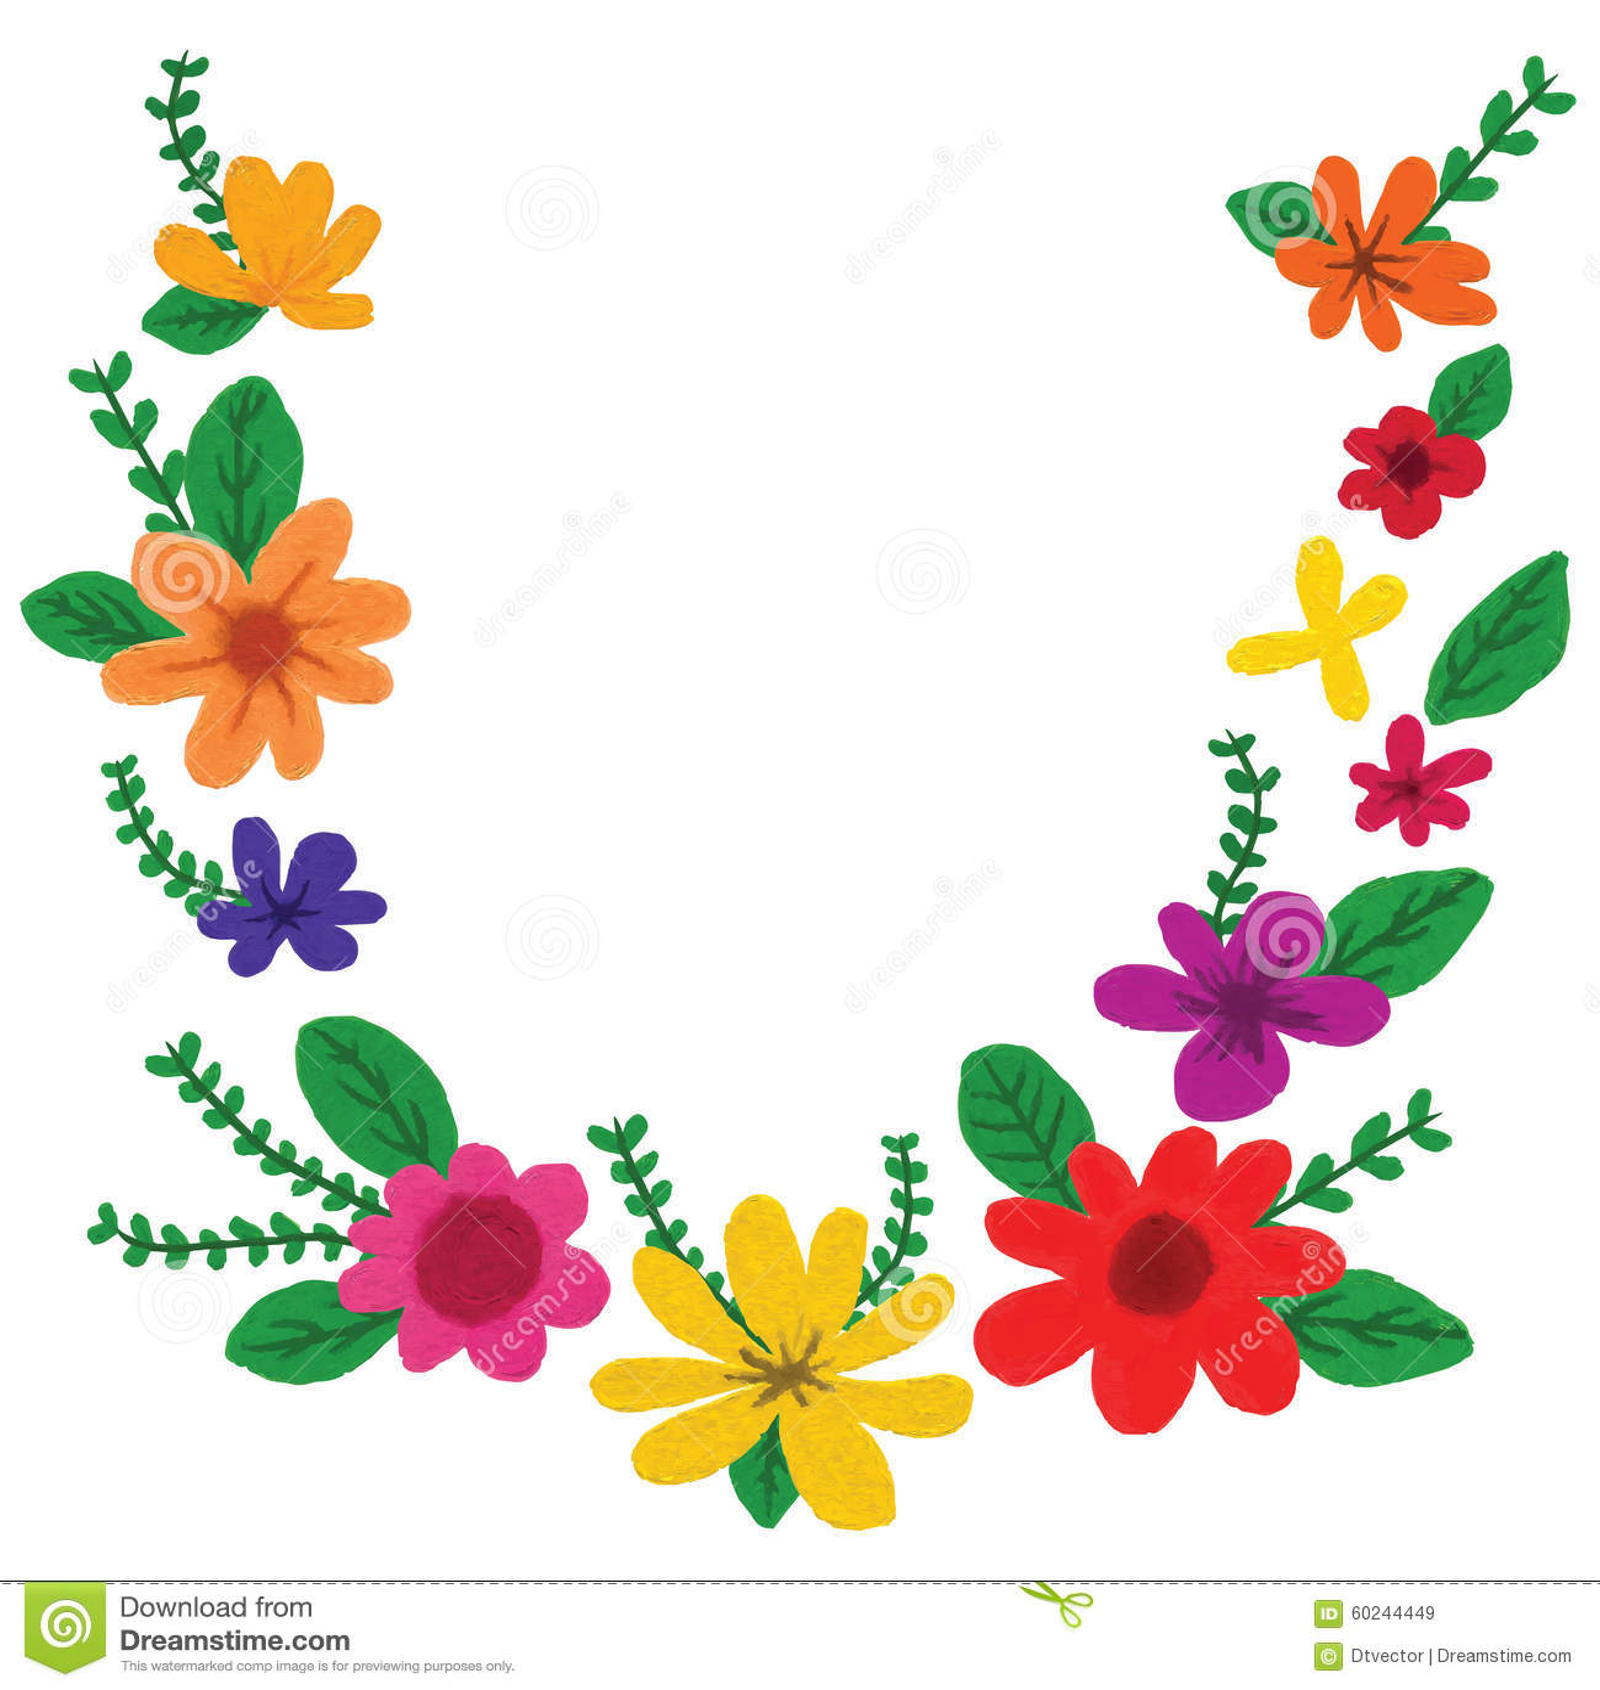 Elegante Desenho De Flor Colorida Melhores Casas De Todas As